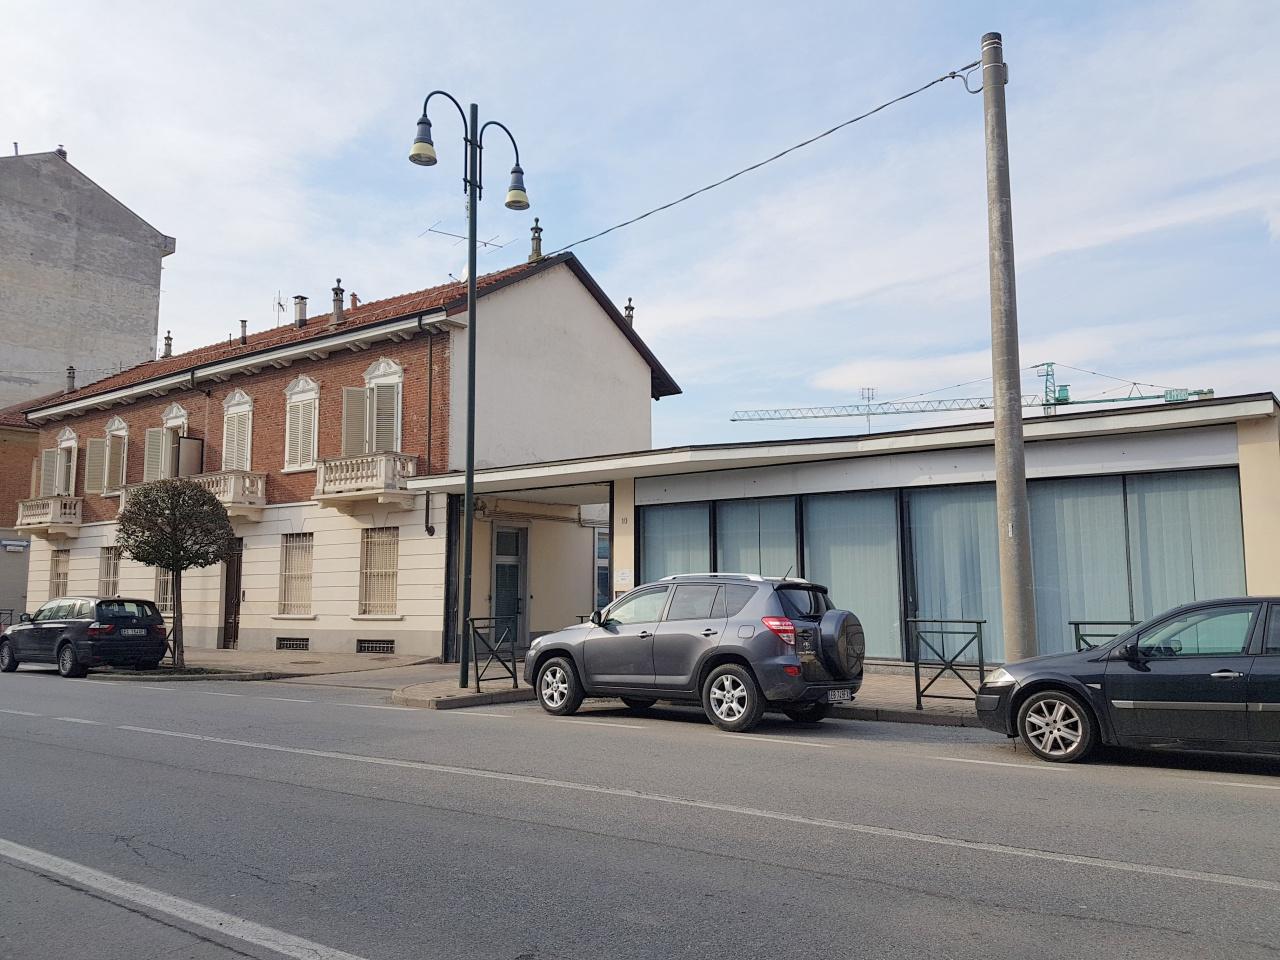 Negozio / Locale in affitto a Chivasso, 12 locali, prezzo € 3.900 | CambioCasa.it